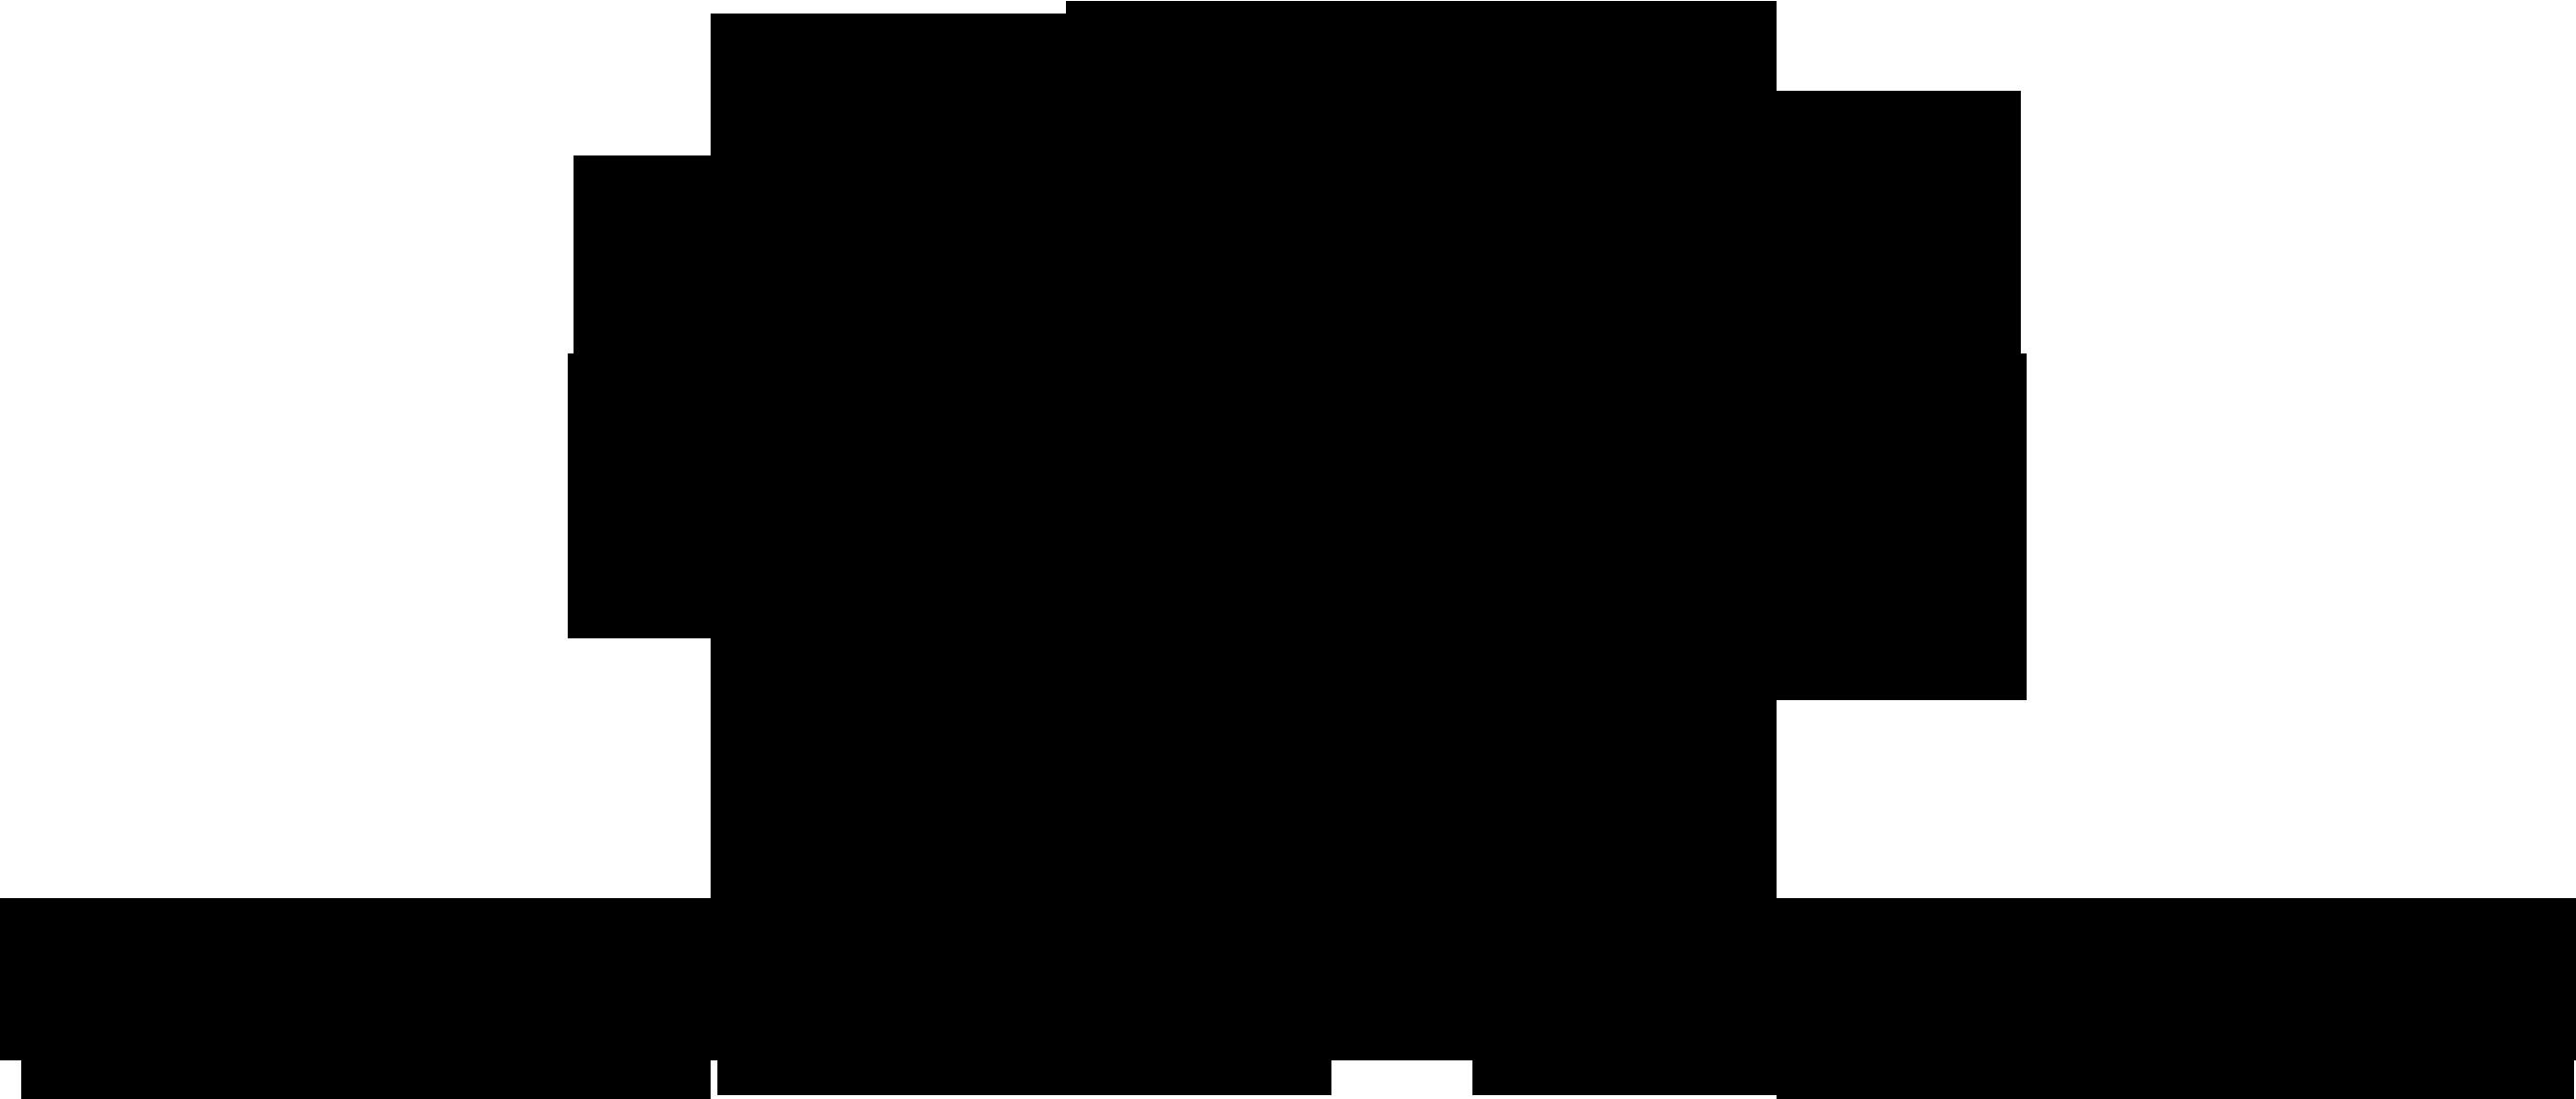 Cobalt brand logo